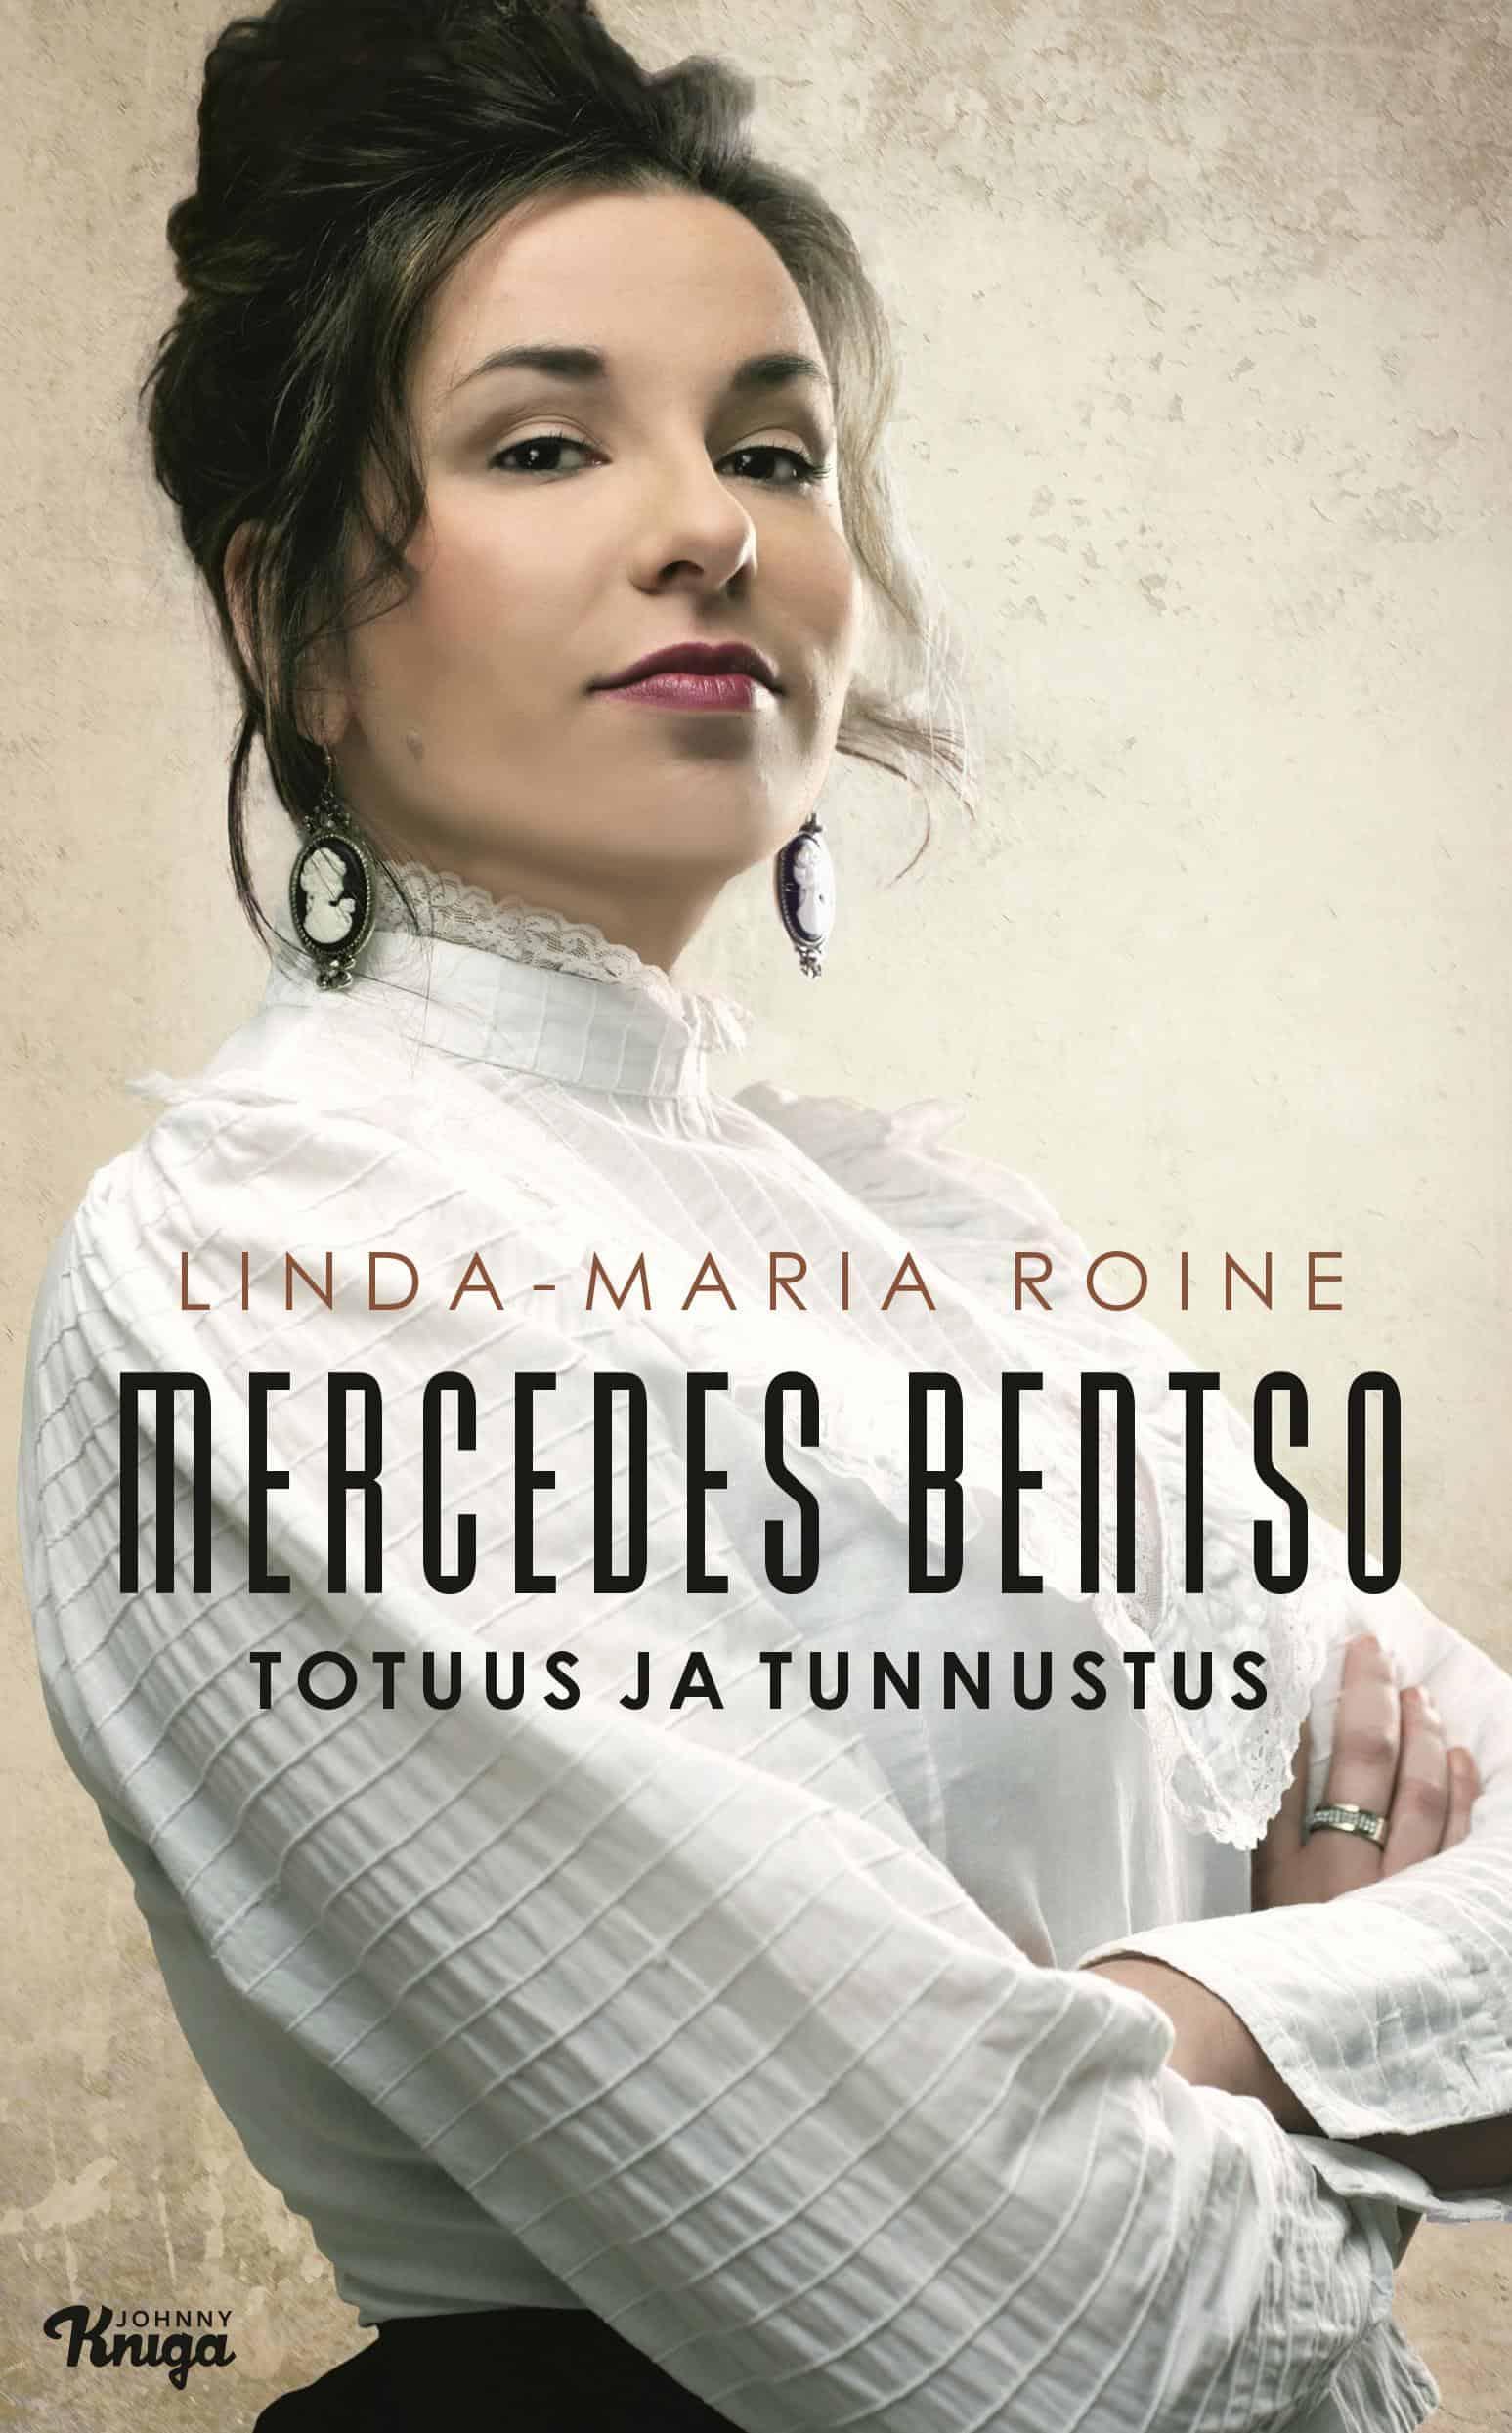 Mercedes Bentso : Totuus ja tunnustus